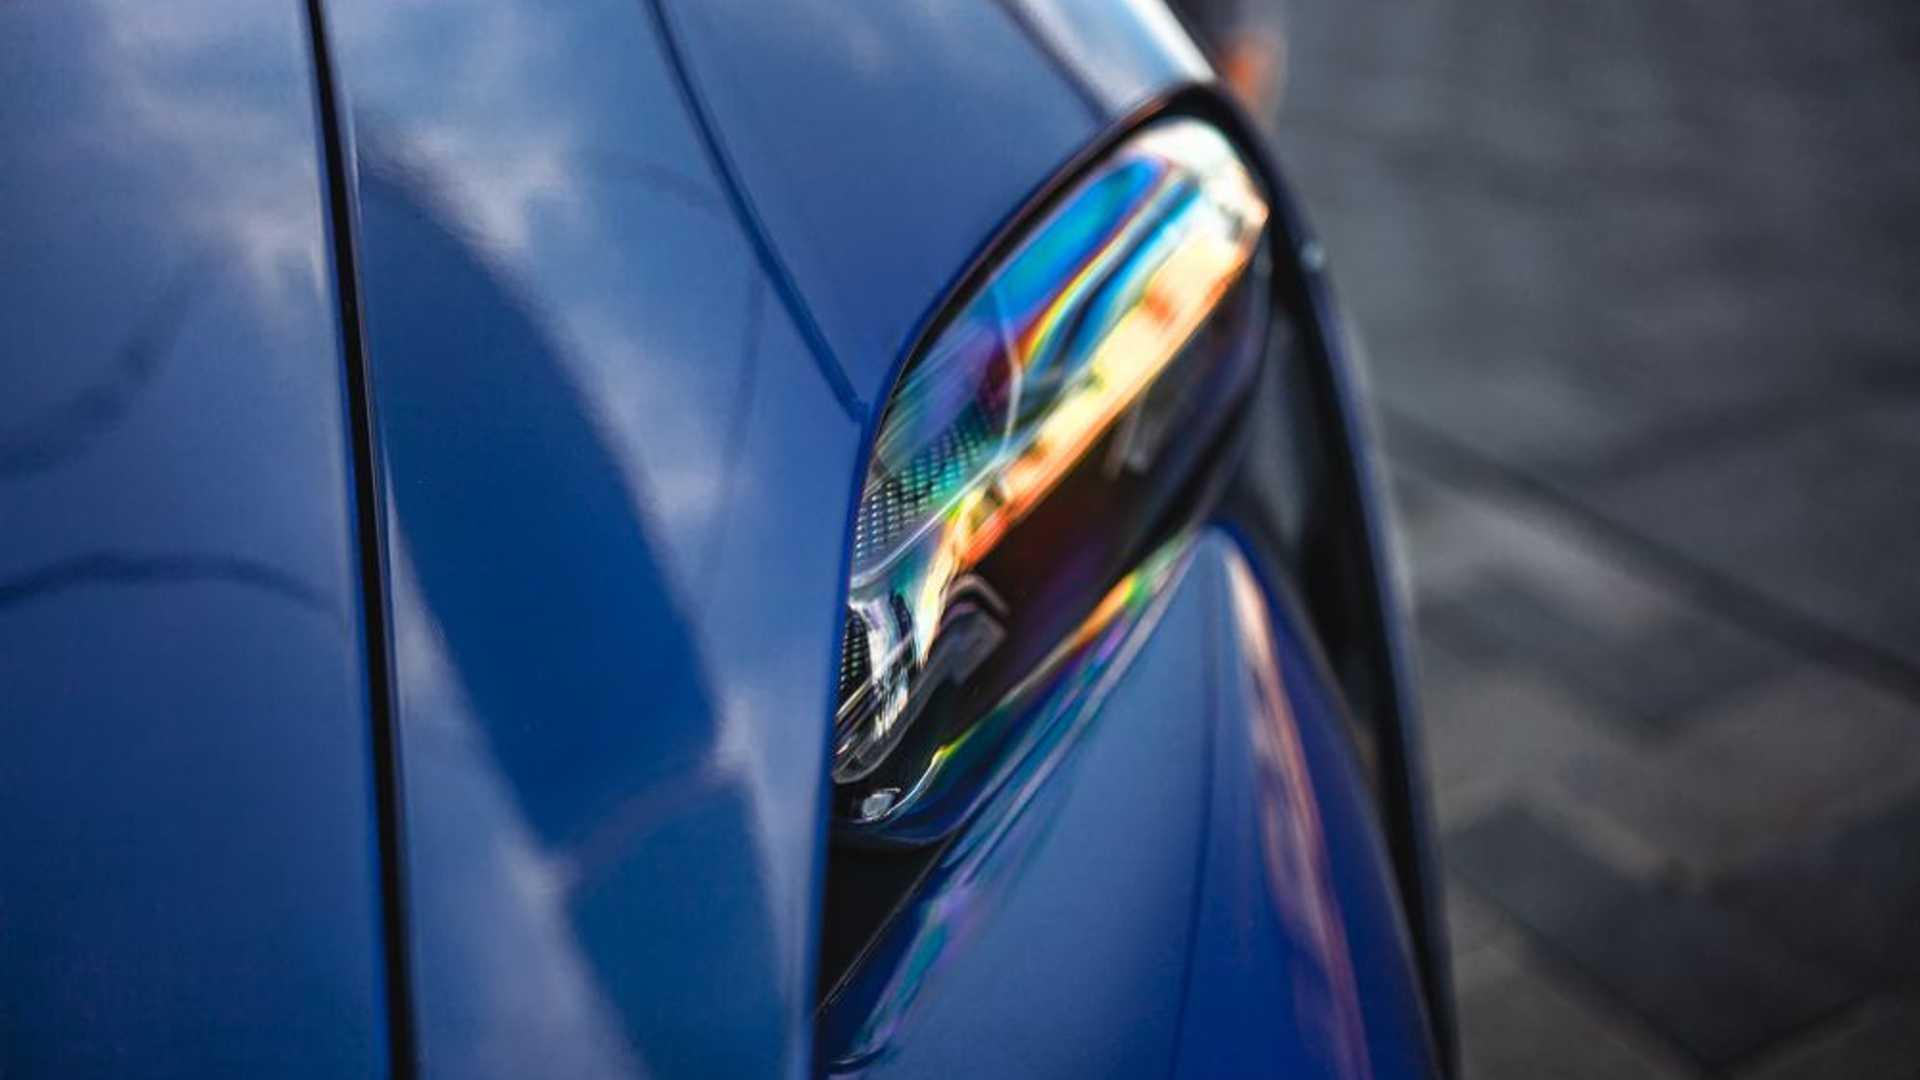 Porsche-Taycan-by-Vivid-Racing-40